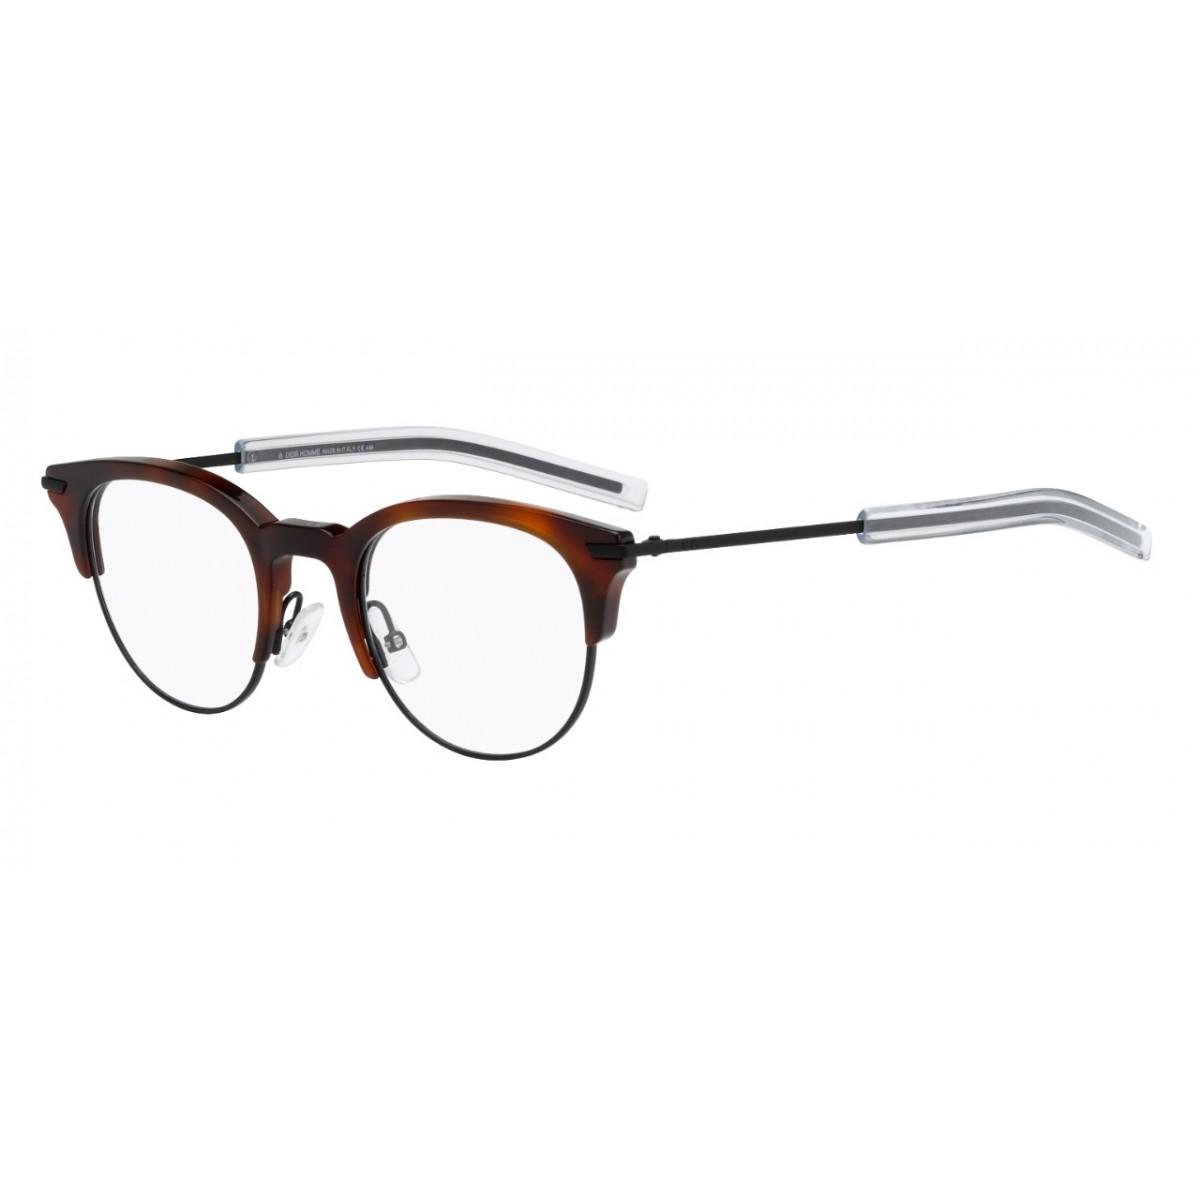 Dior 0202   Occhiali da vista Uomo